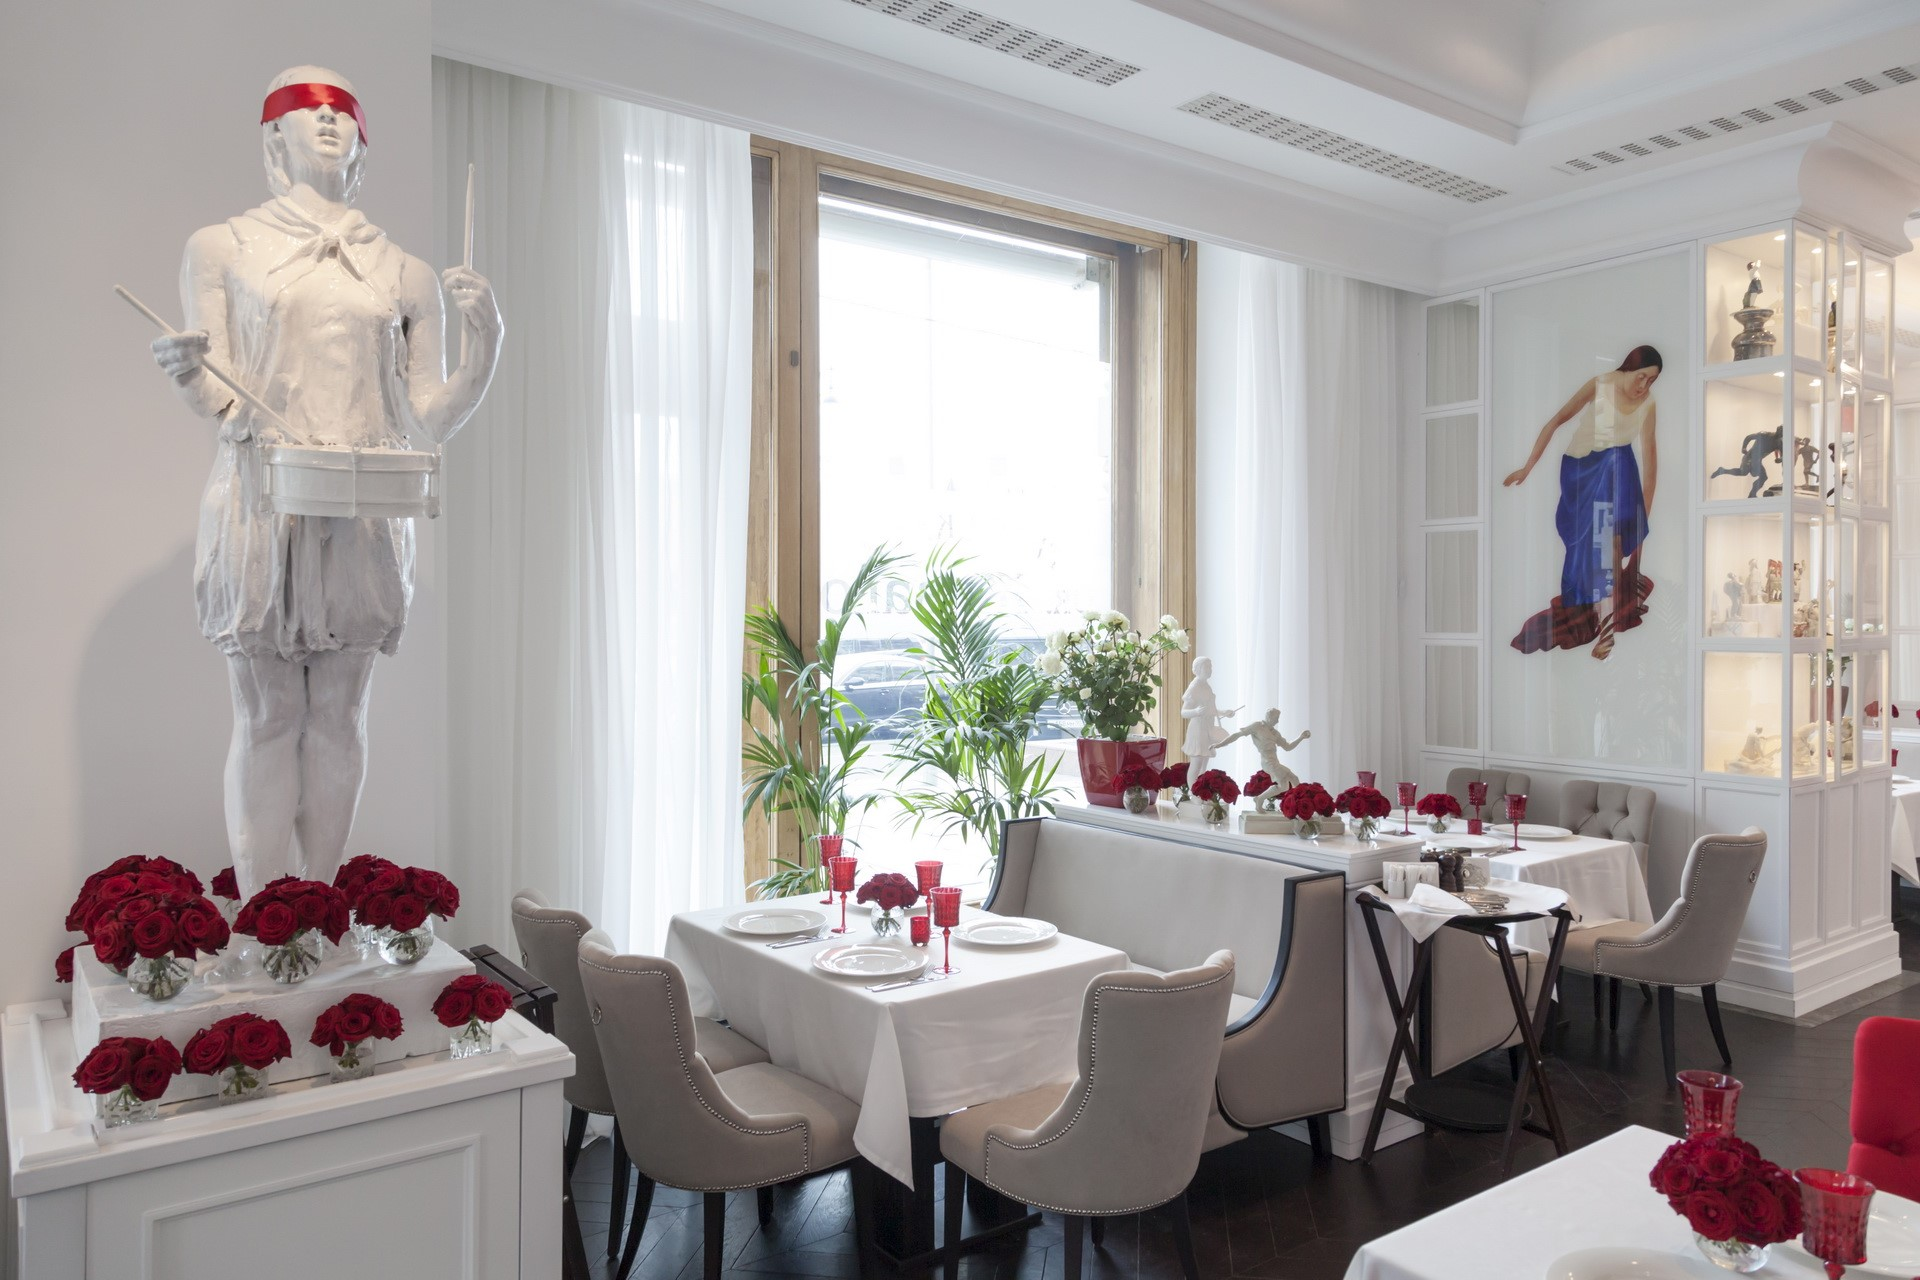 Свадьба в Москве: 12 отелей, ресторанов и банкетных площадок